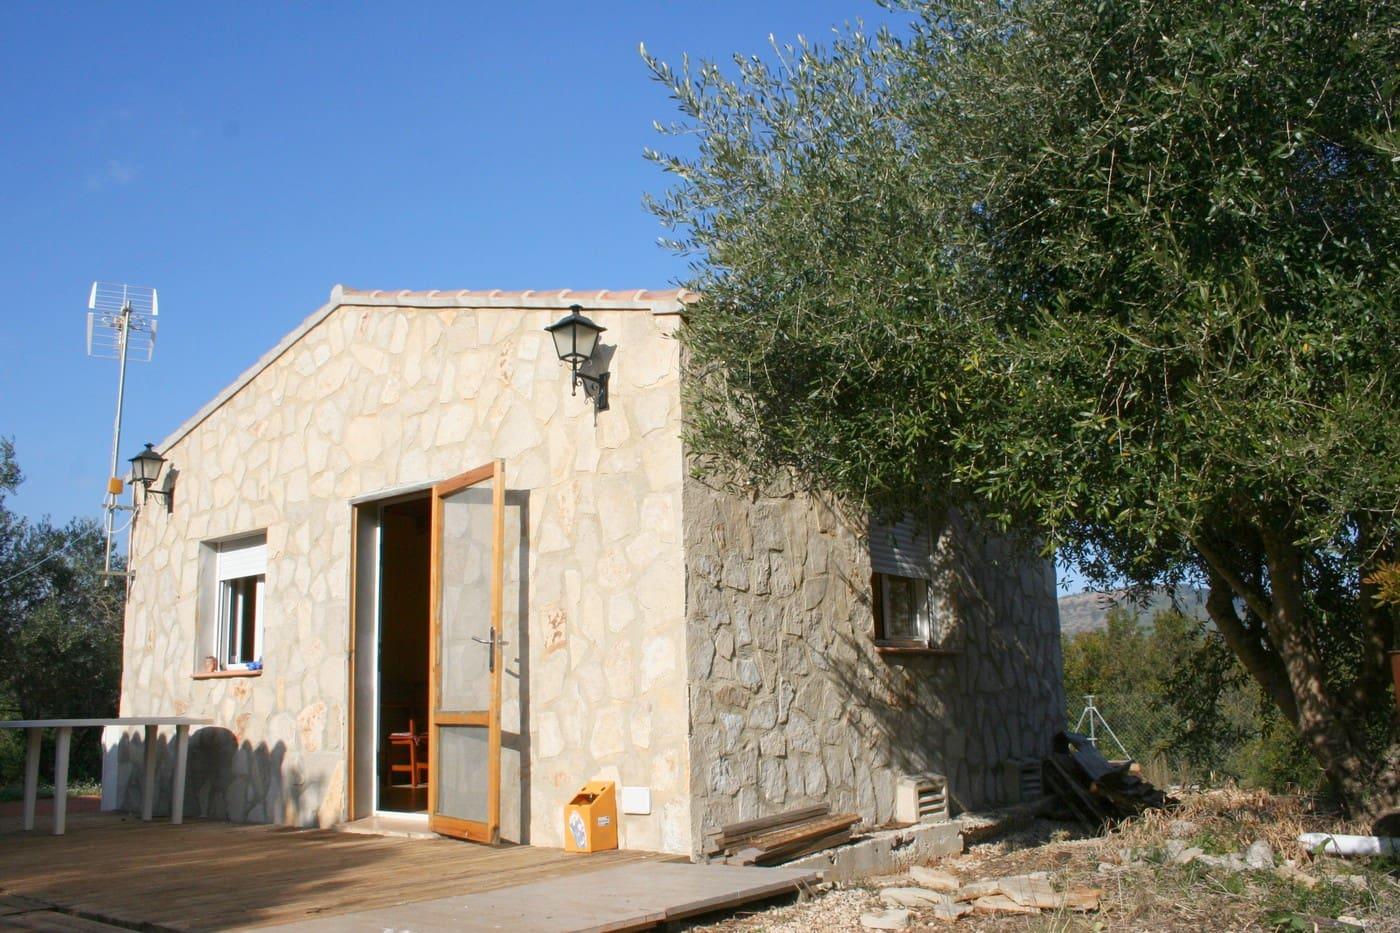 Terrain à Bâtir à vendre à Pedreguer - 163 000 € (Ref: 5058823)